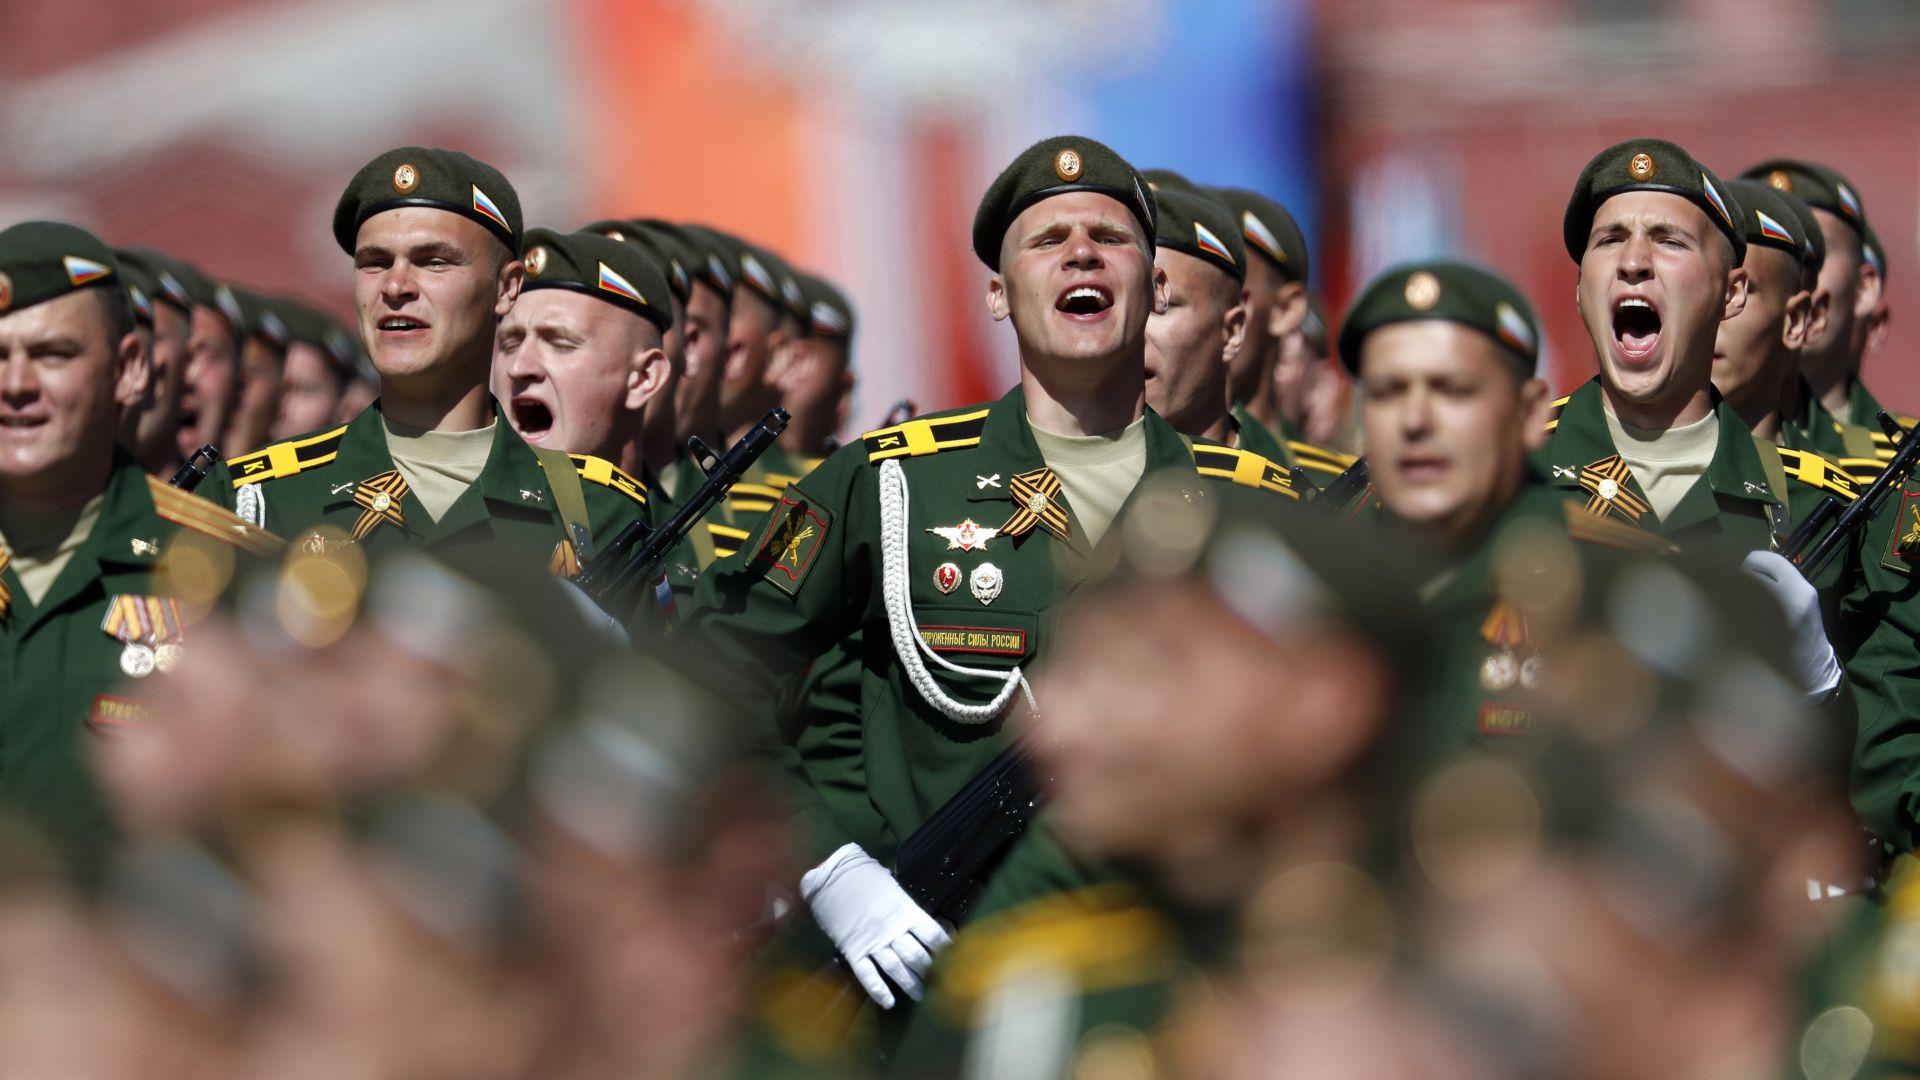 Военен рев превзе Москва за Парада на победата (видео)